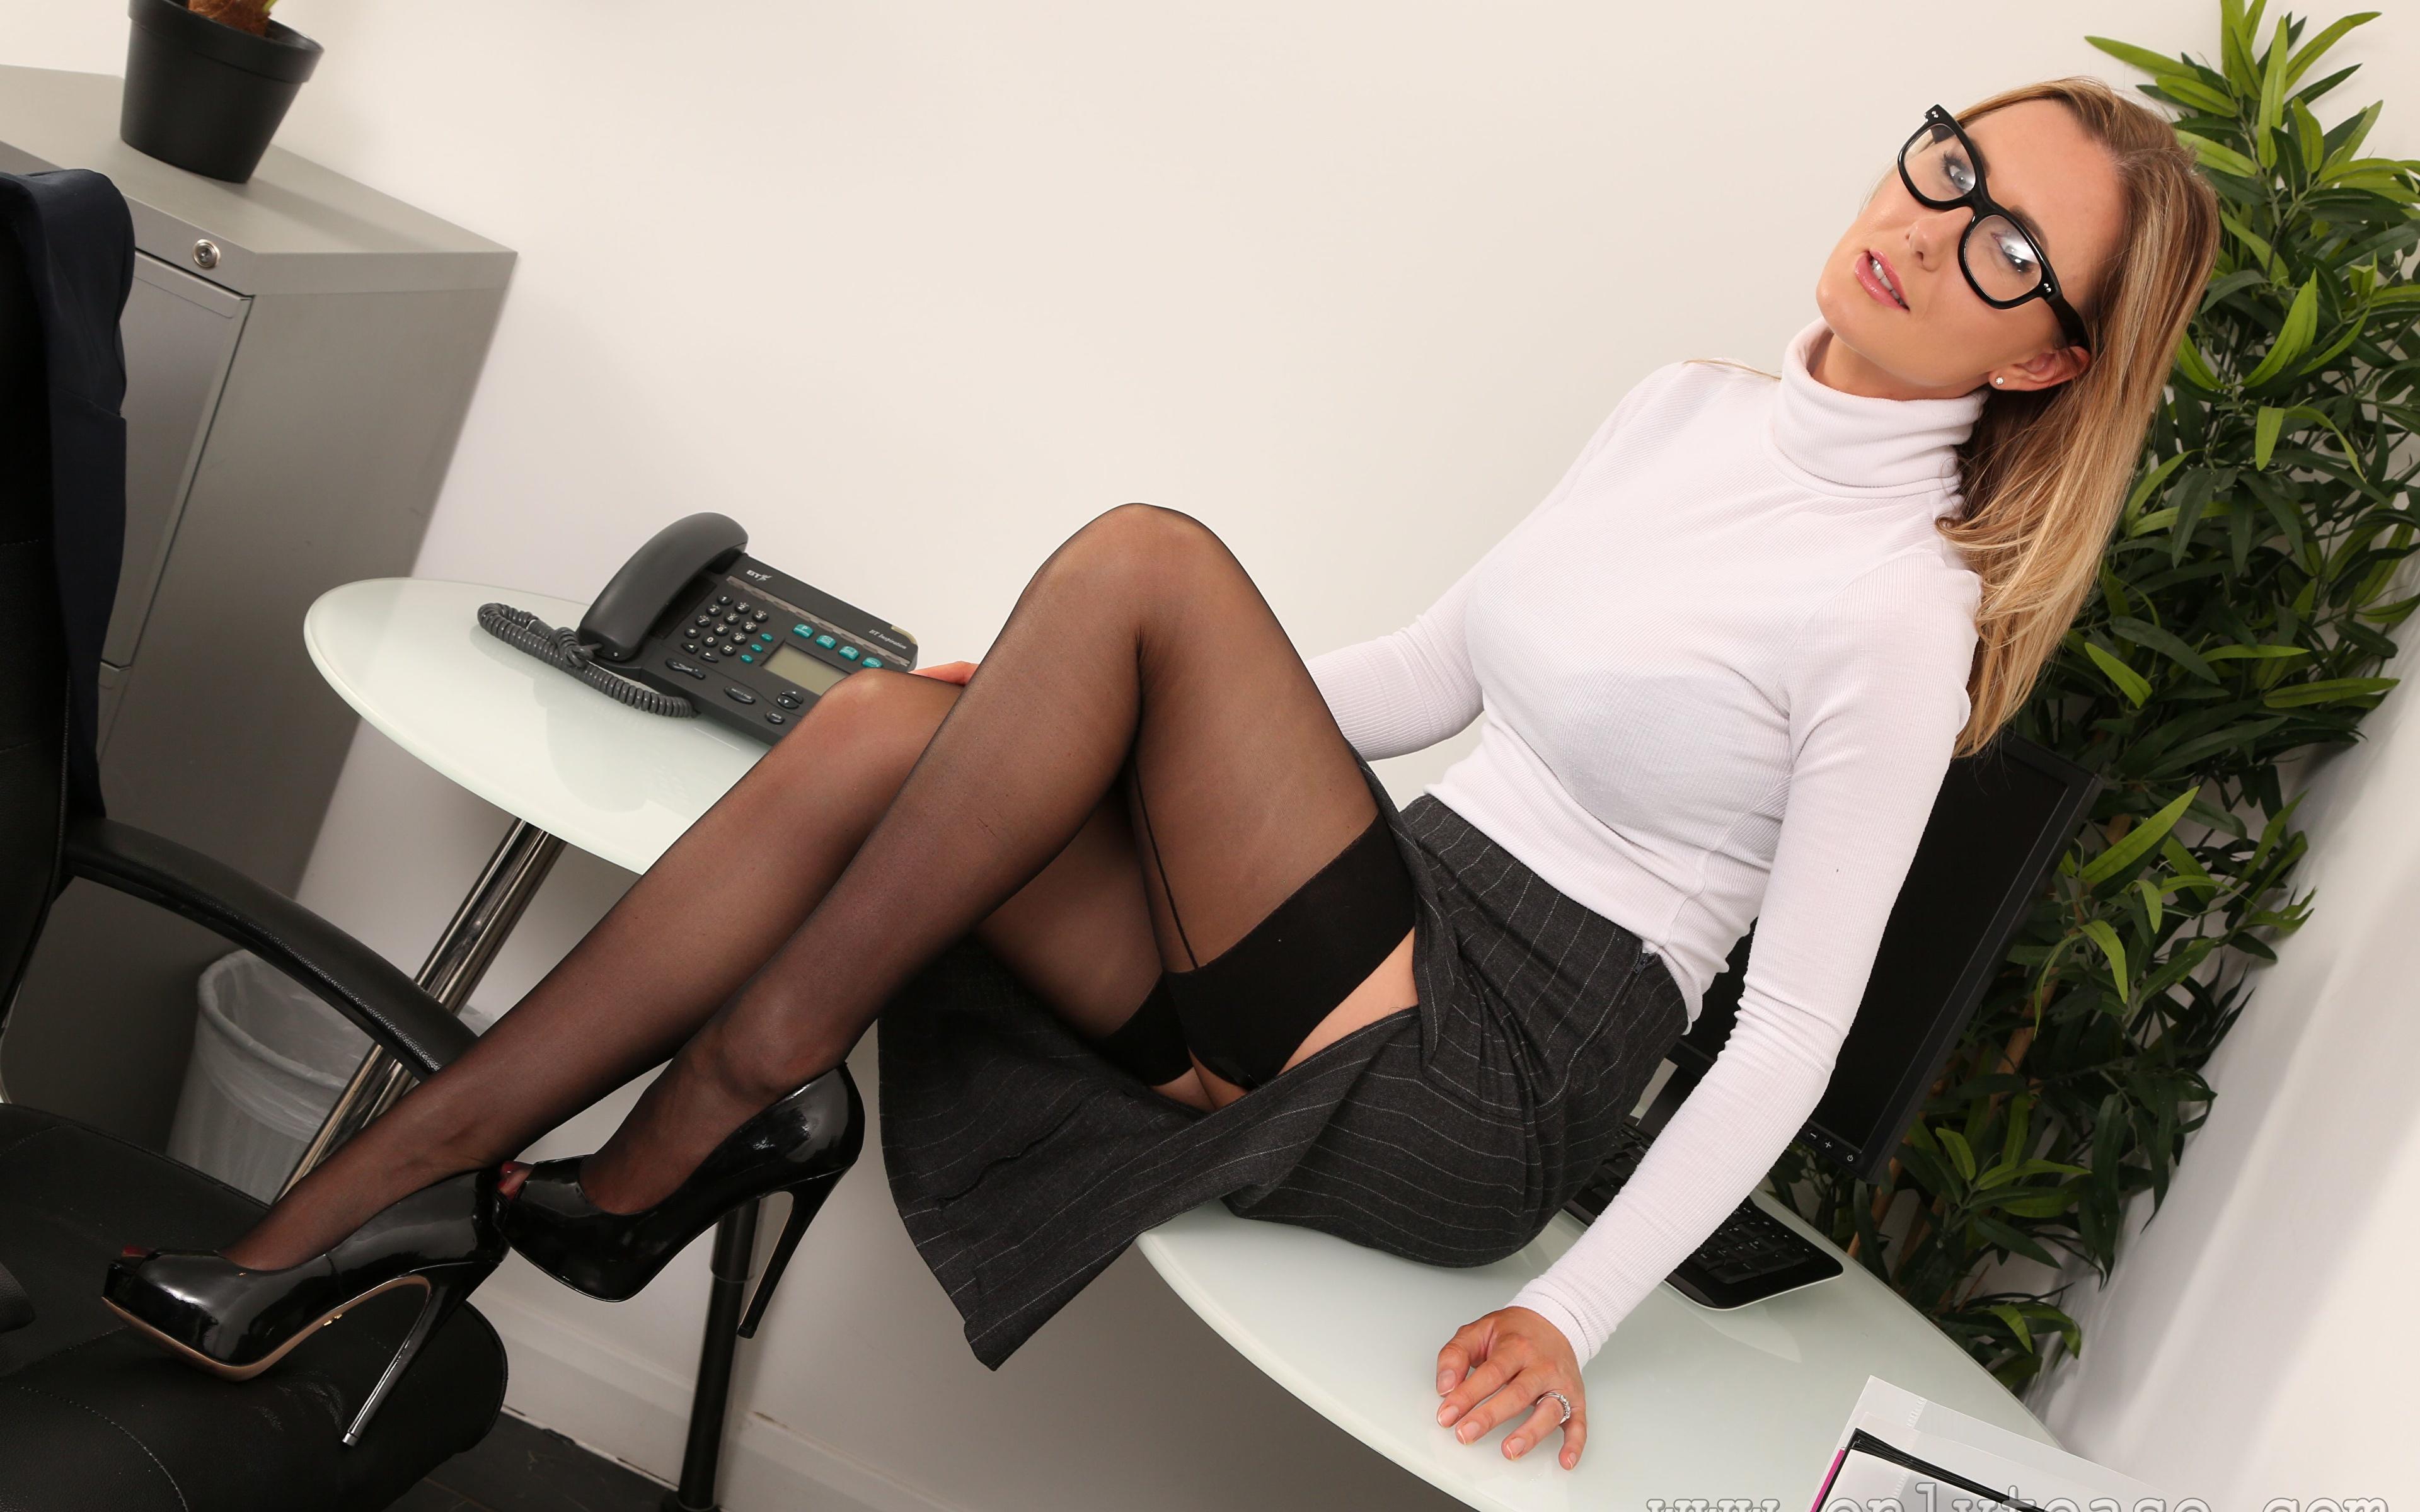 Секс с красивой в очках, В очках порно, смотреть секс с девушками в Очках 16 фотография